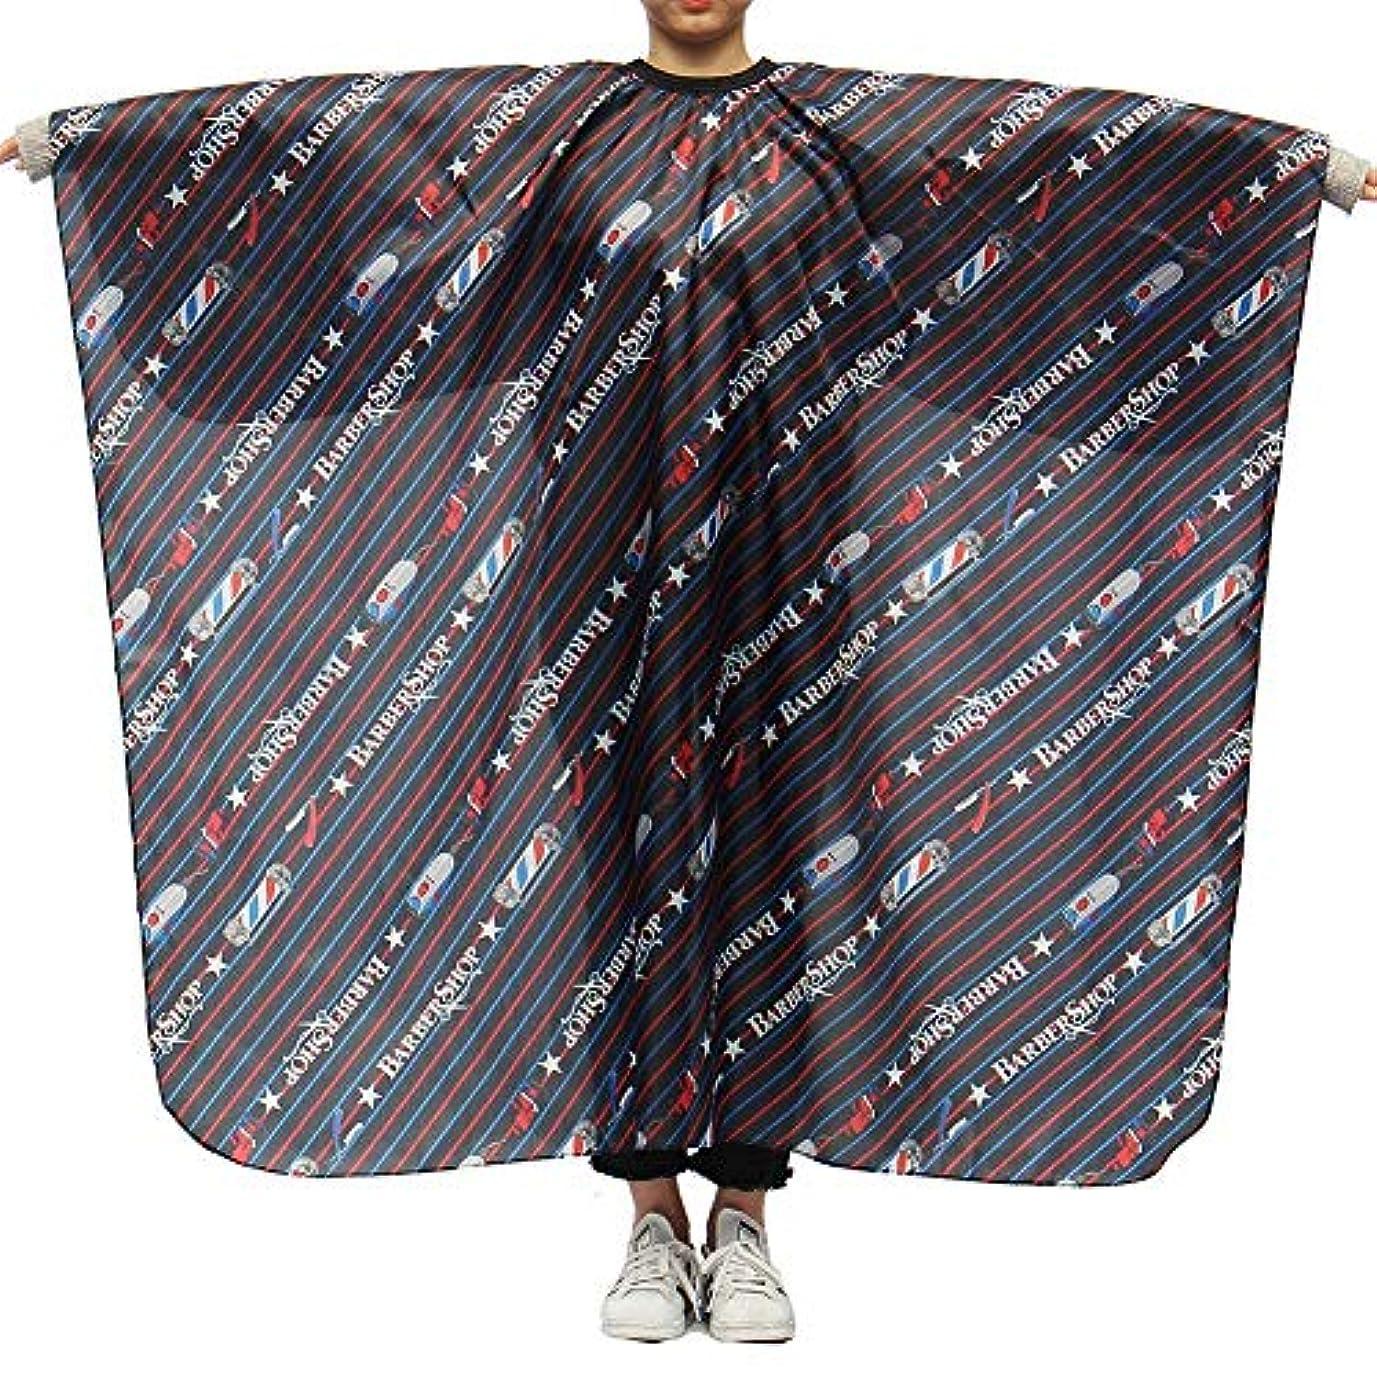 多様な放棄司教Ling(リンー)-ビューティー 理髪ケープ 理髪布 店用 家庭用 通気性 滑らか ポリエステル製